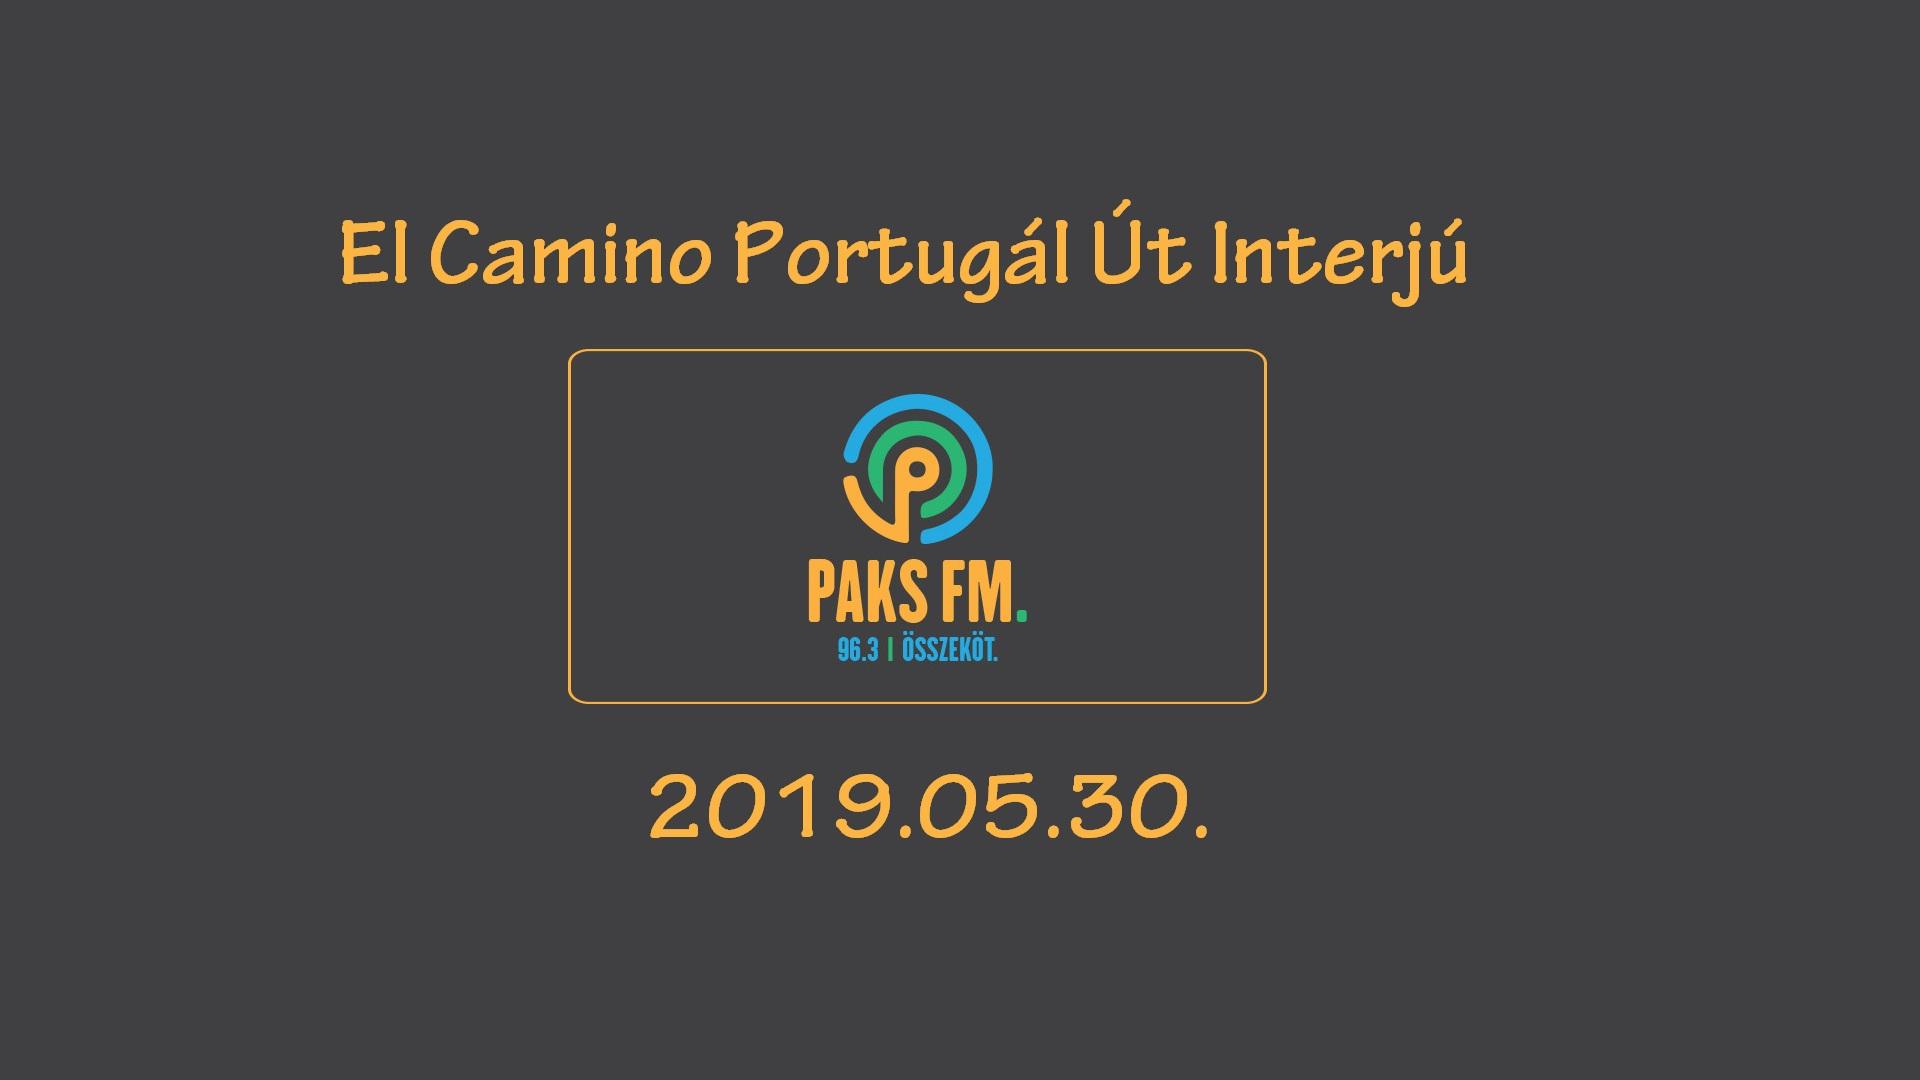 el_camino_portugal_ut_interju_paks_fm.jpg